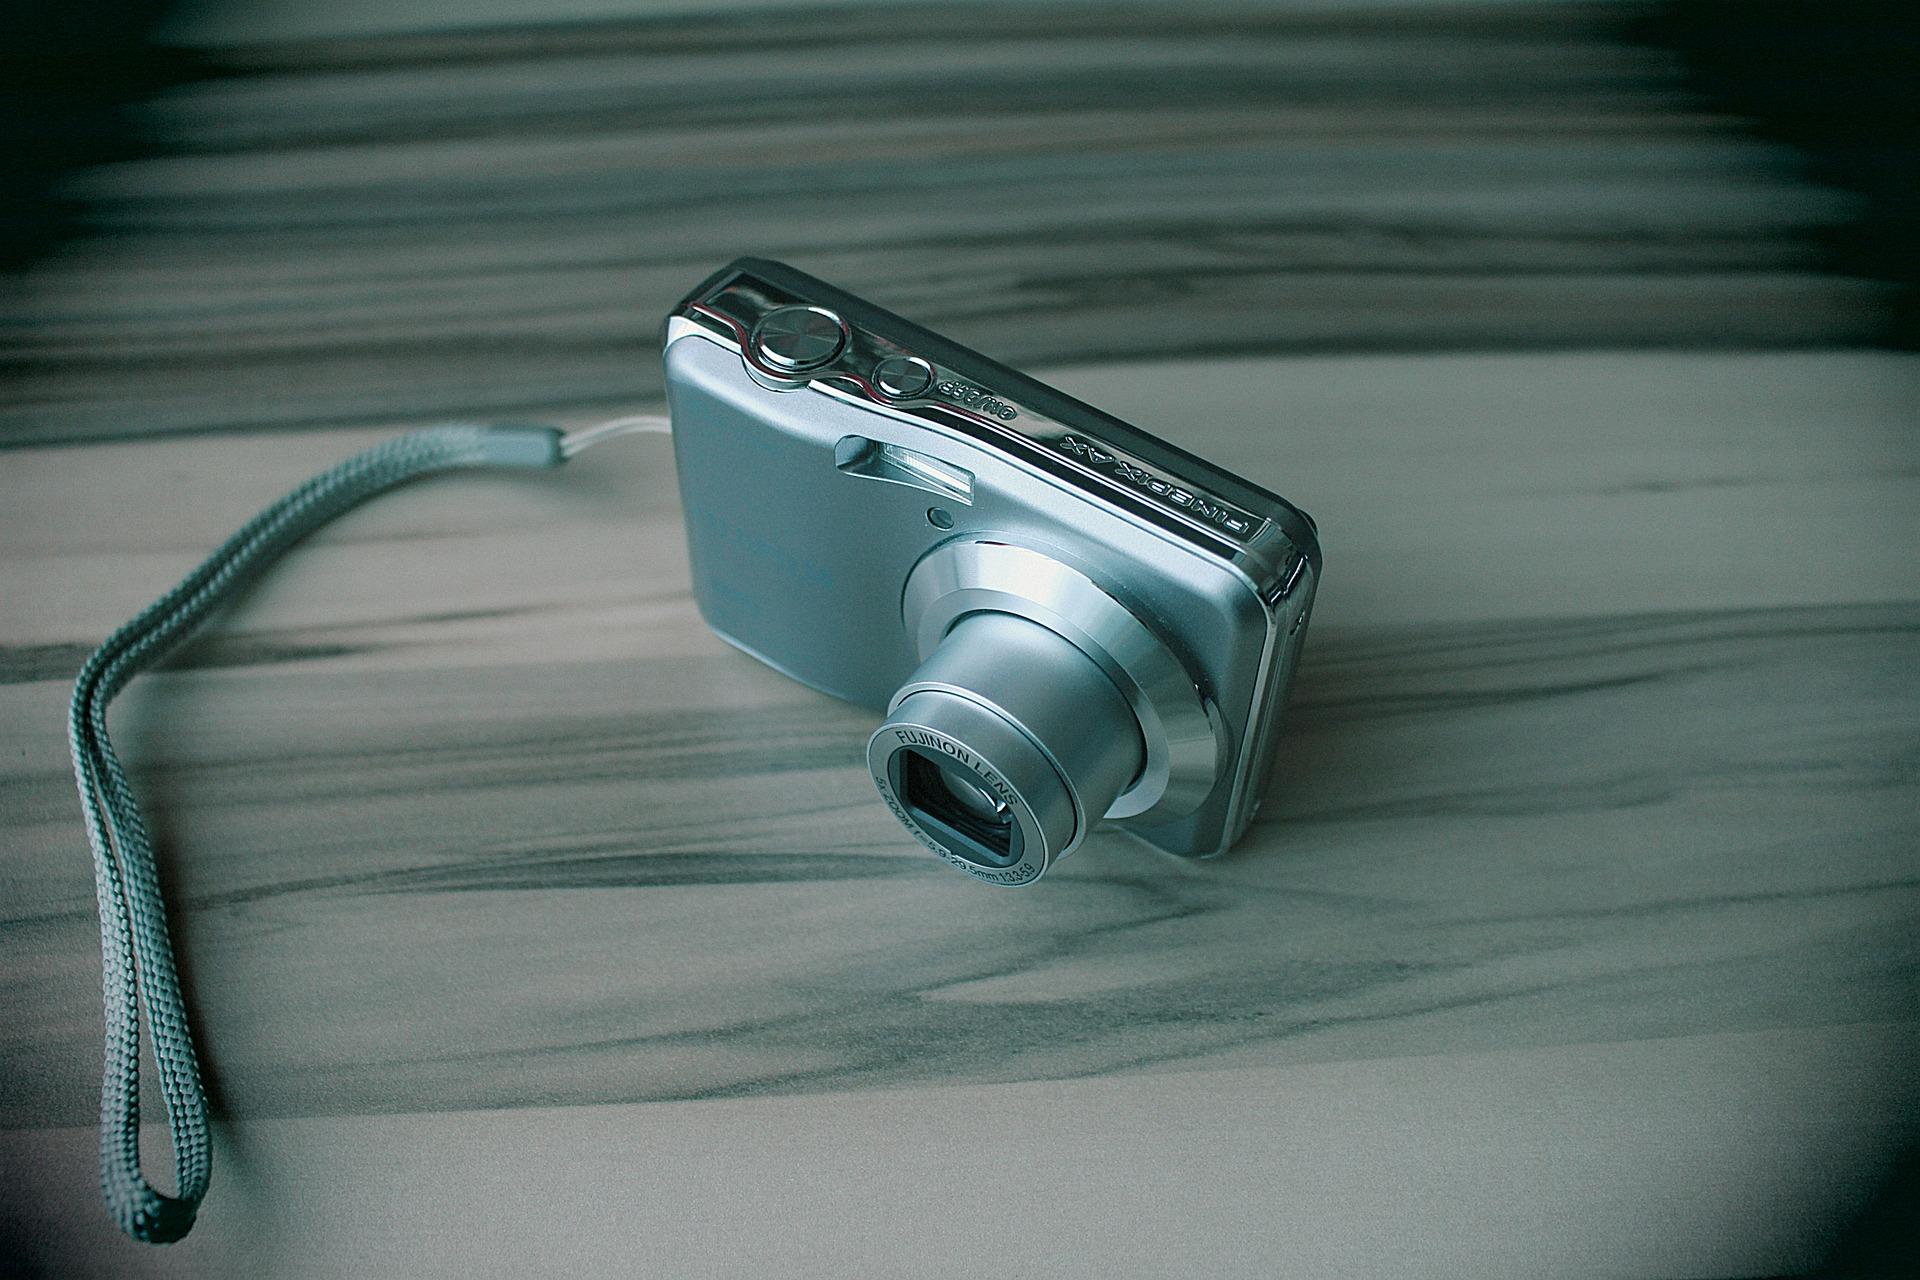 Conoce la ACTIVE CX Gold: La cámara fotográfica del futuro